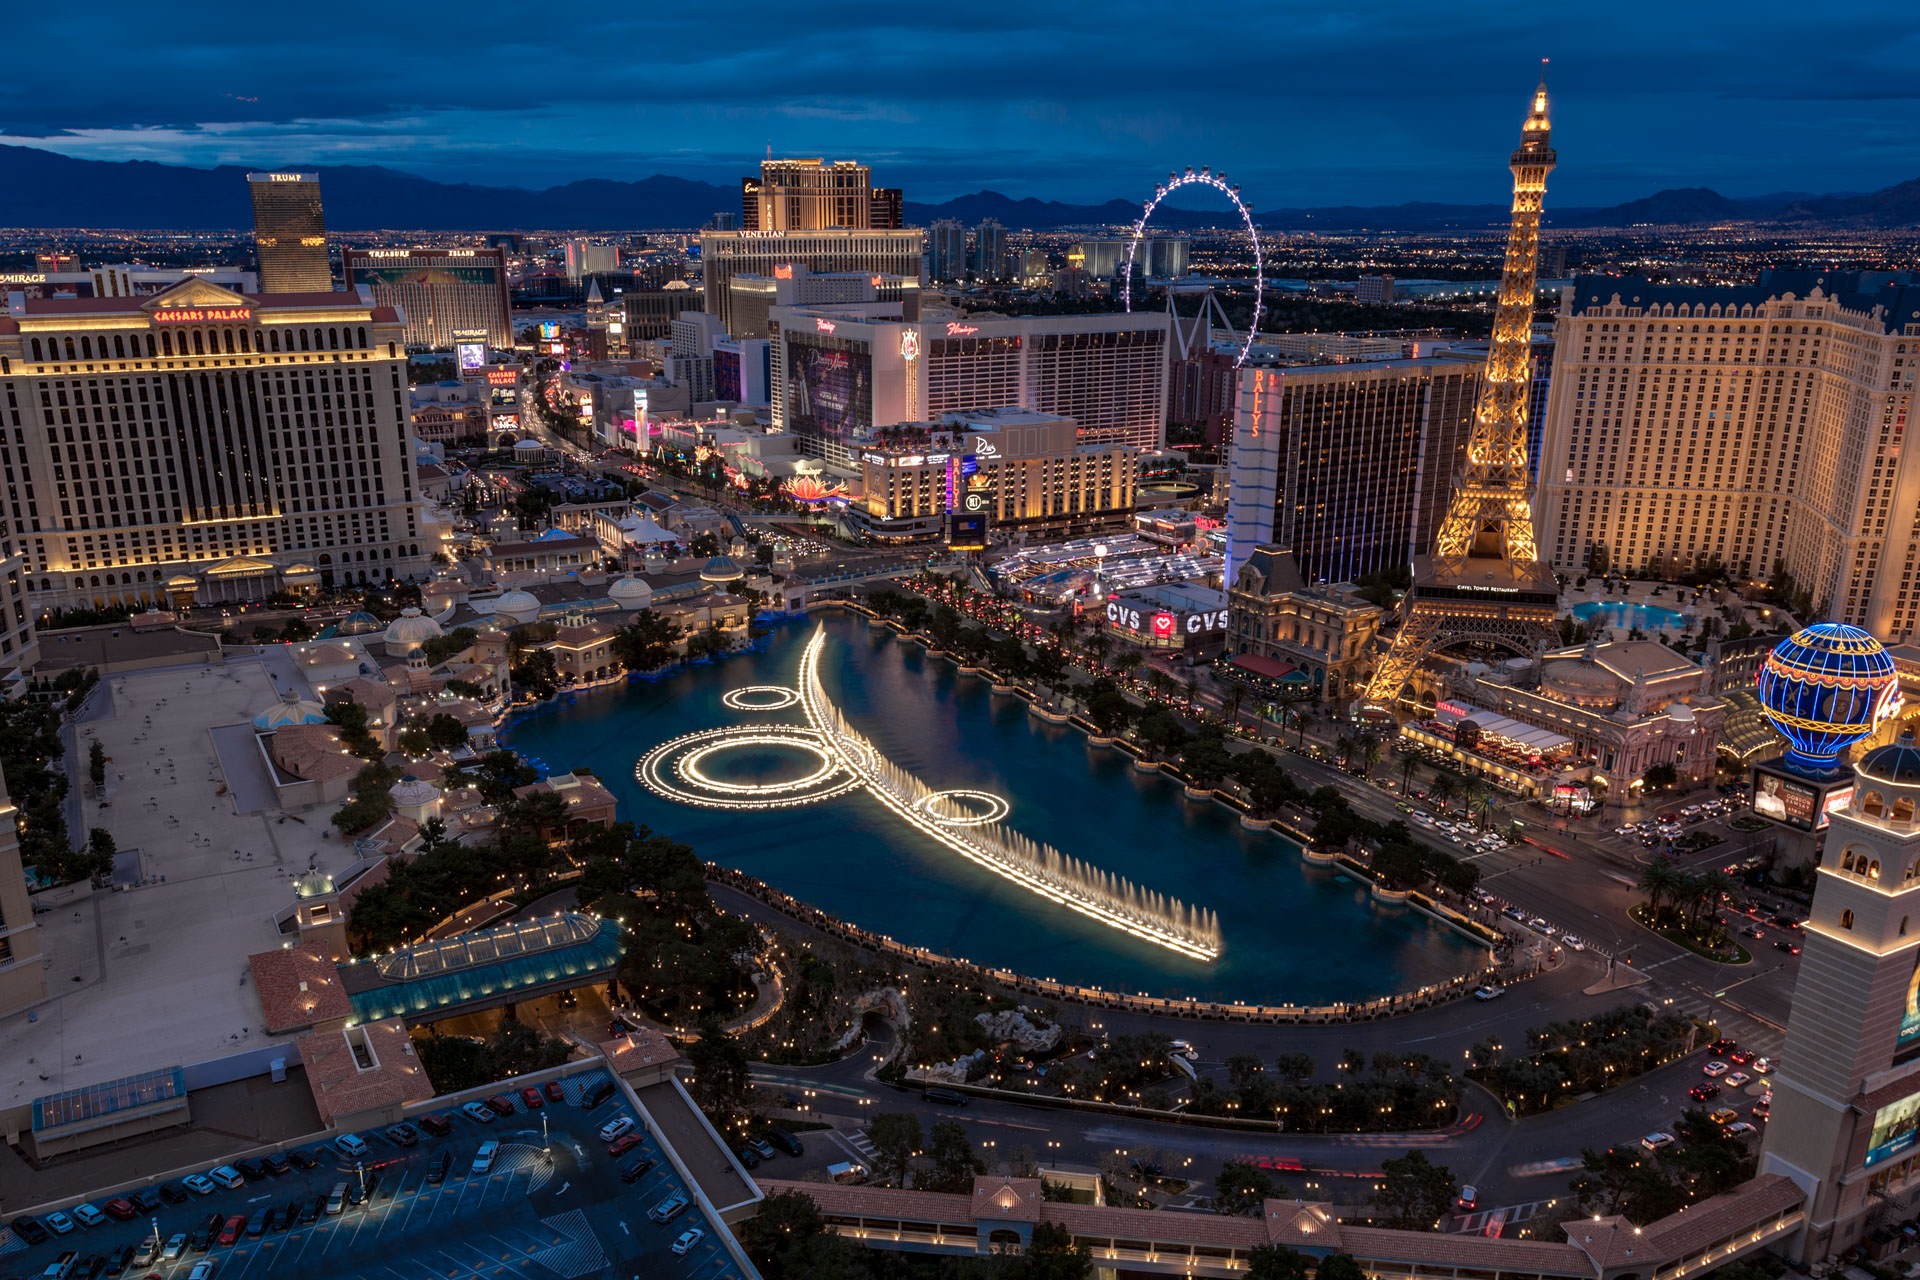 Cosmopolitan of Las Vegas Cosmopolitan Las Vegas